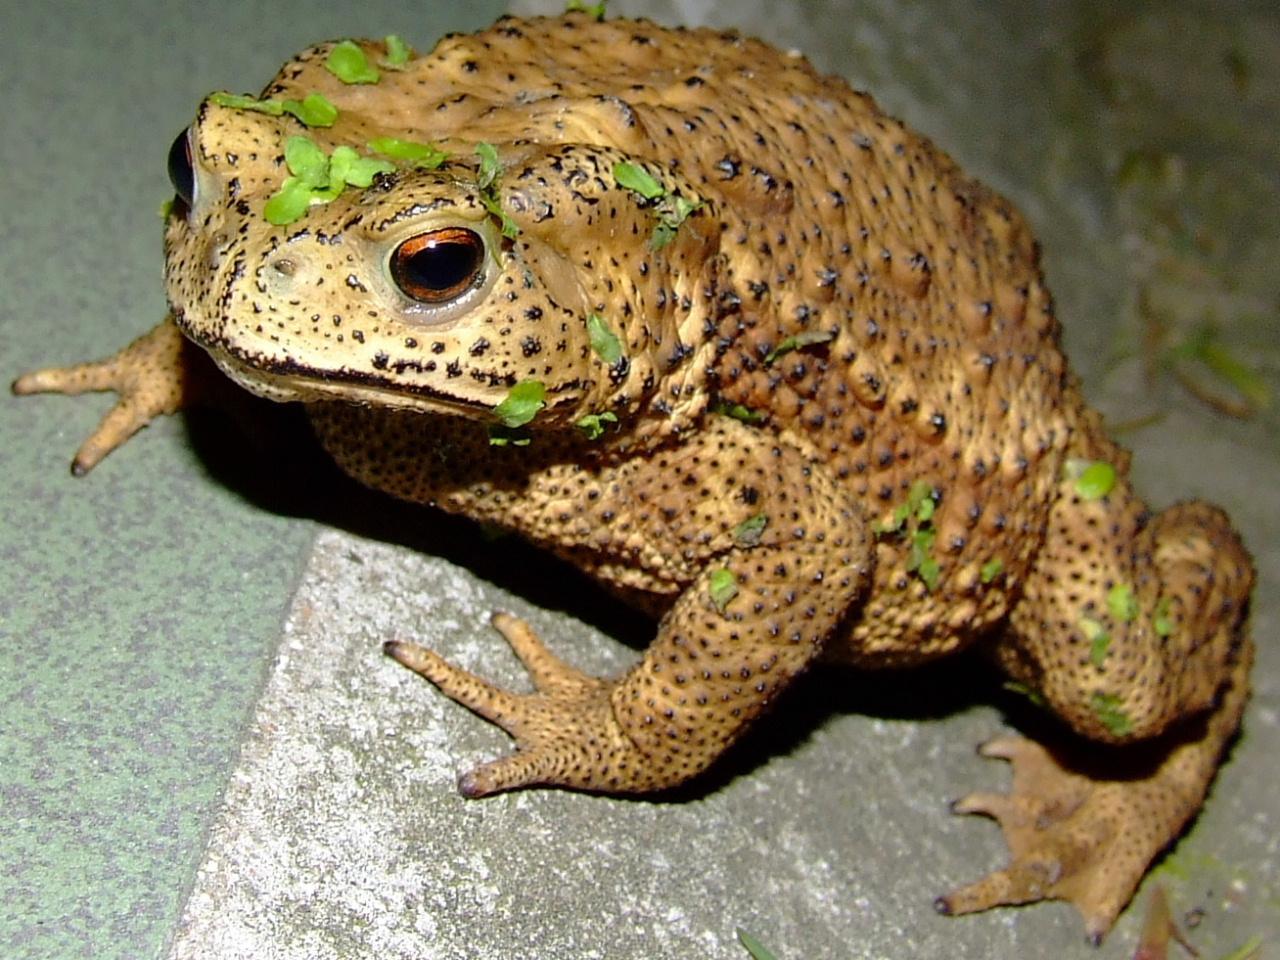 壁纸 动物 两栖 蛙 1280_960